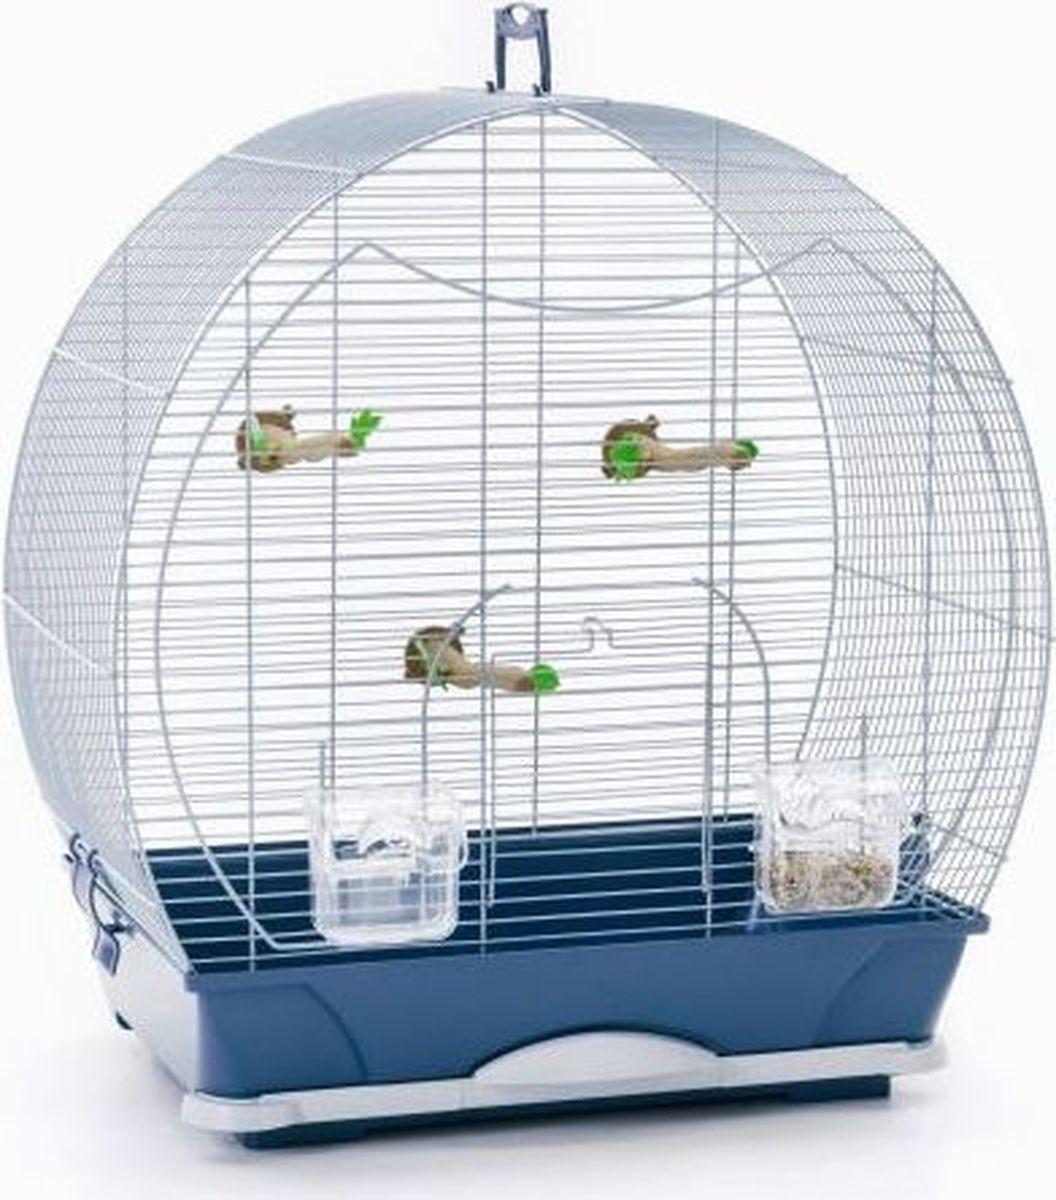 Клетка для птиц Savic Evelyne, цвет: серебристый, голубой, 52 х 32,5 х 55 см цена